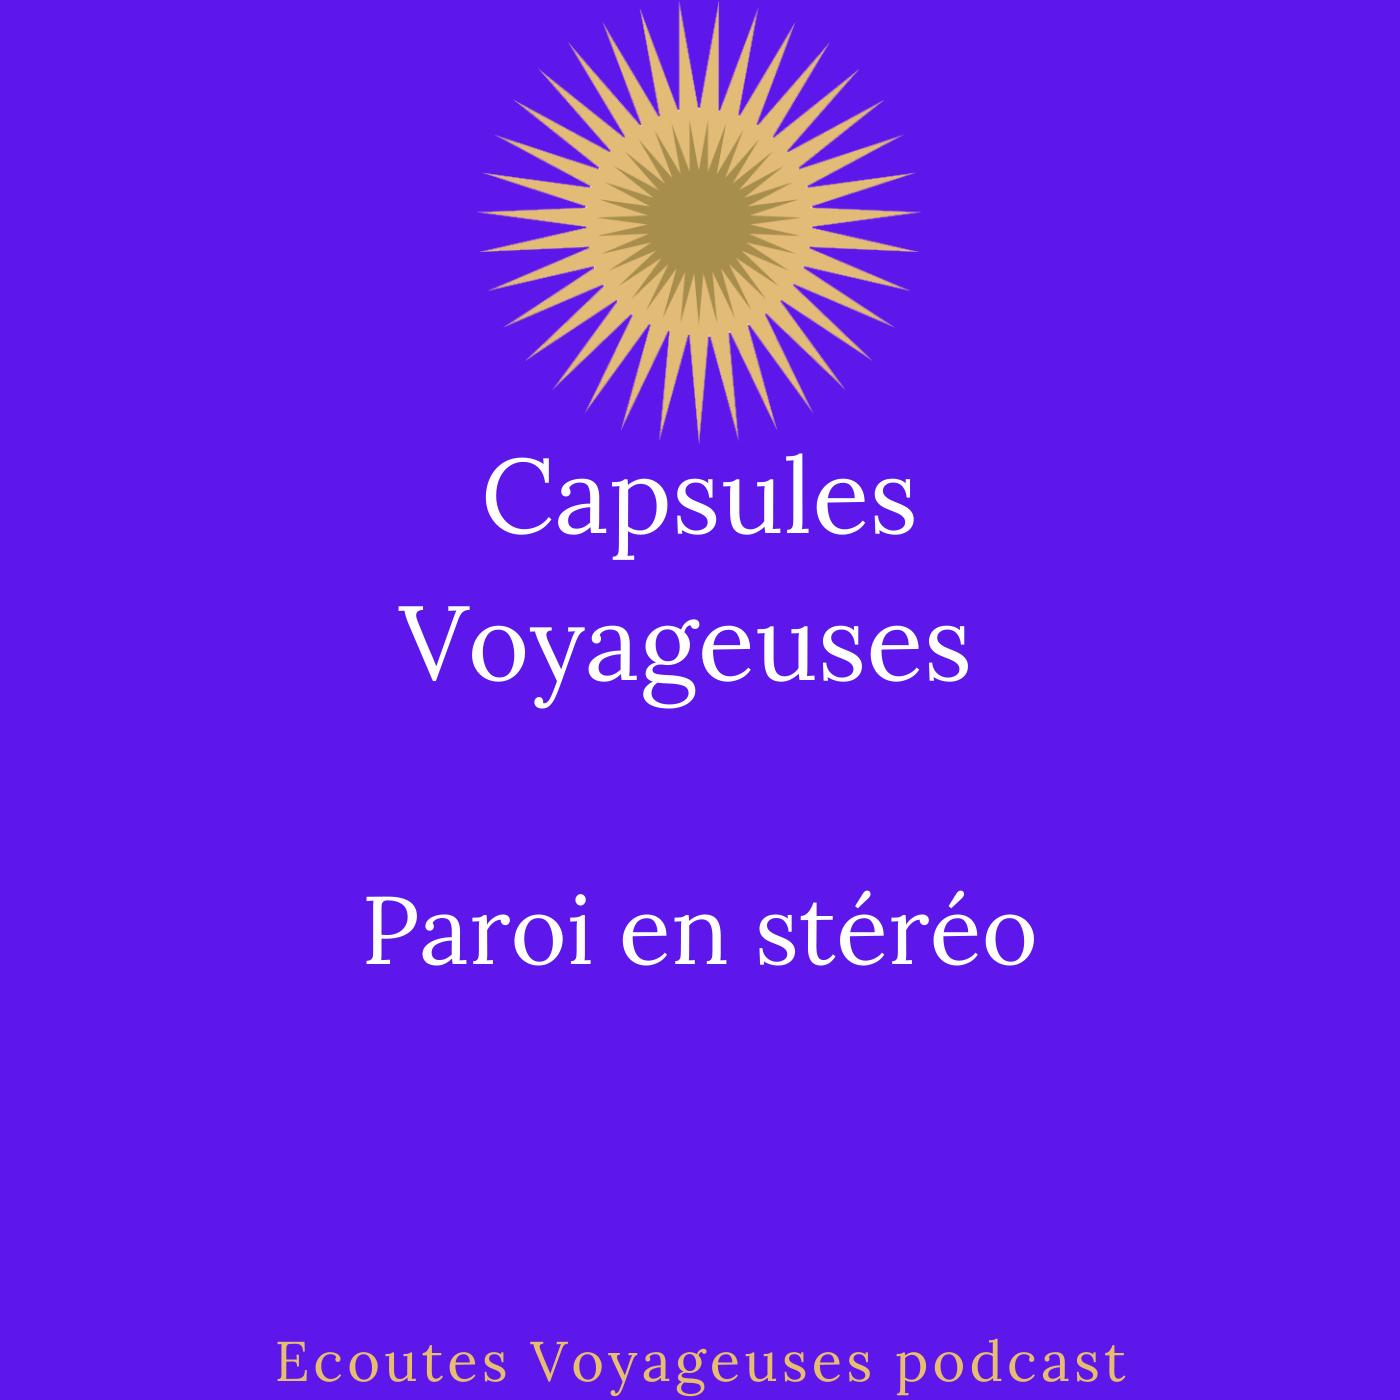 Paroi en stéréo / Capsules Voyageuses